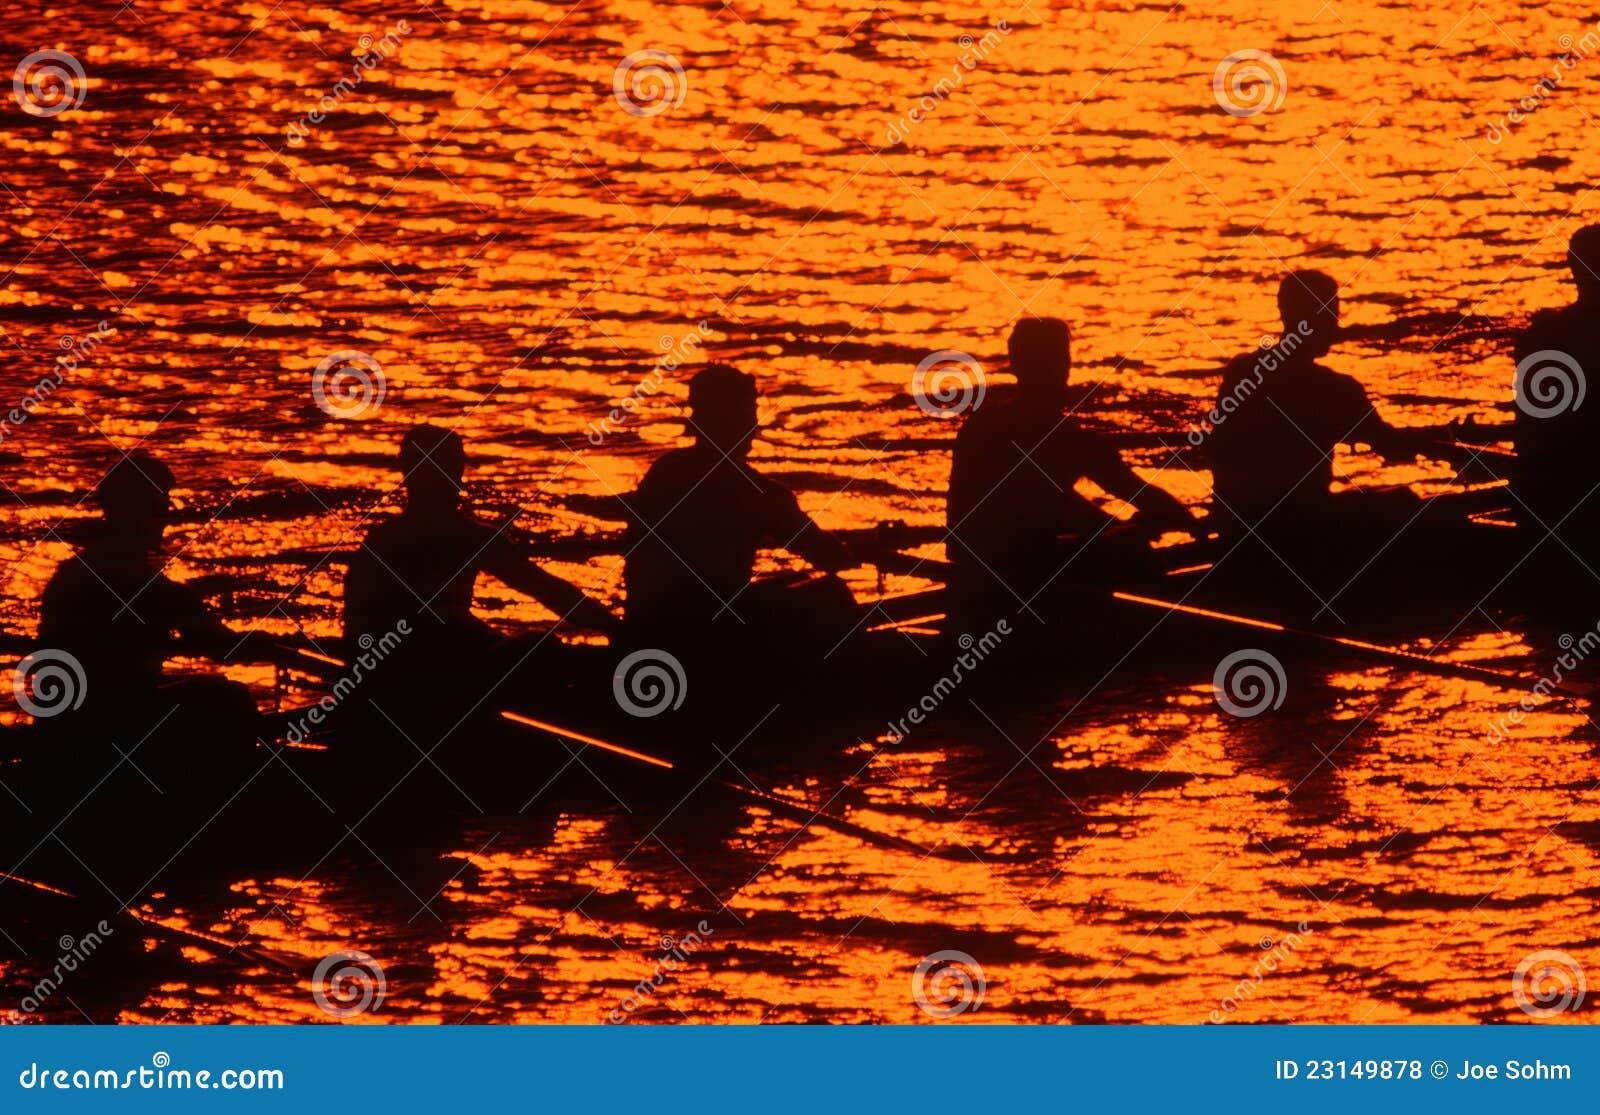 划船乘员组剪影在日落的